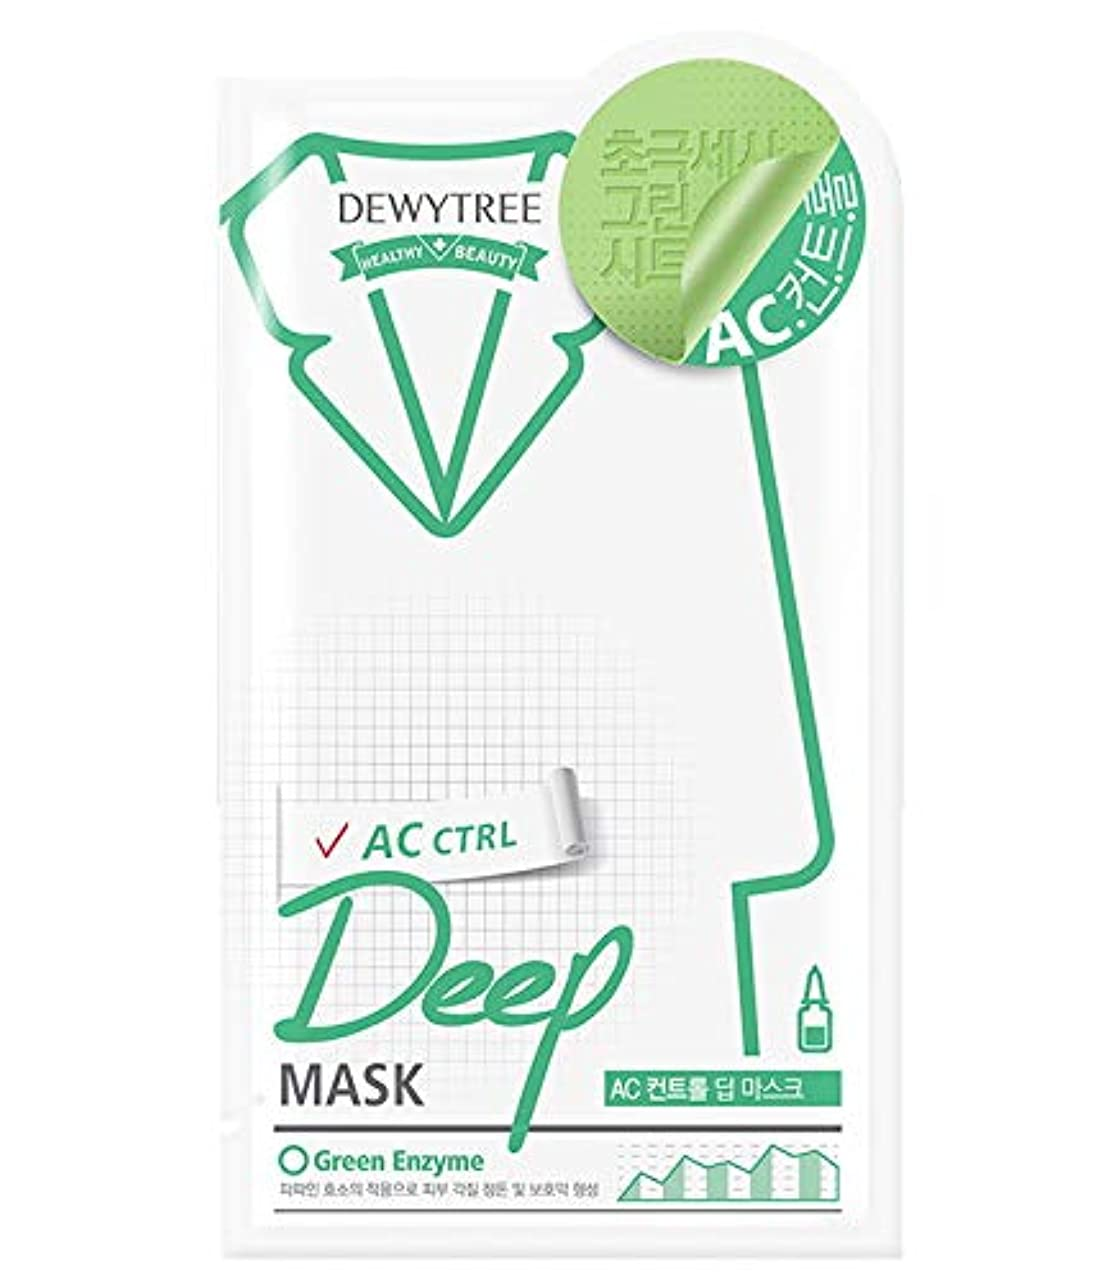 関税レジデンスあざ(デューイトゥリー) DEWYTREE ACコントロールディープマスク 20枚 AC Control Deep Mask 韓国マスクパック (並行輸入品)